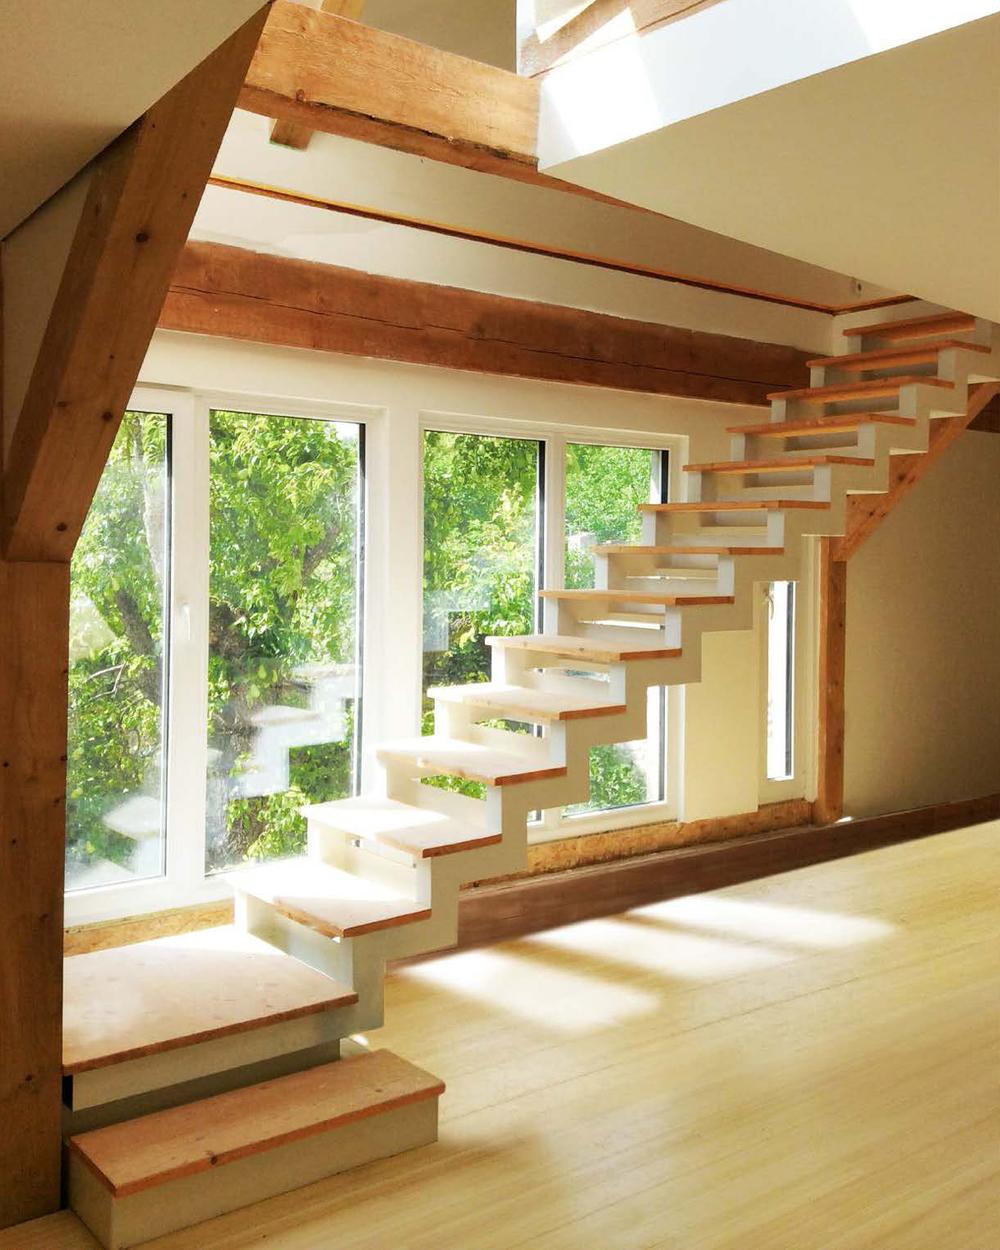 07_BohemiaHouse_Stair(3).jpg